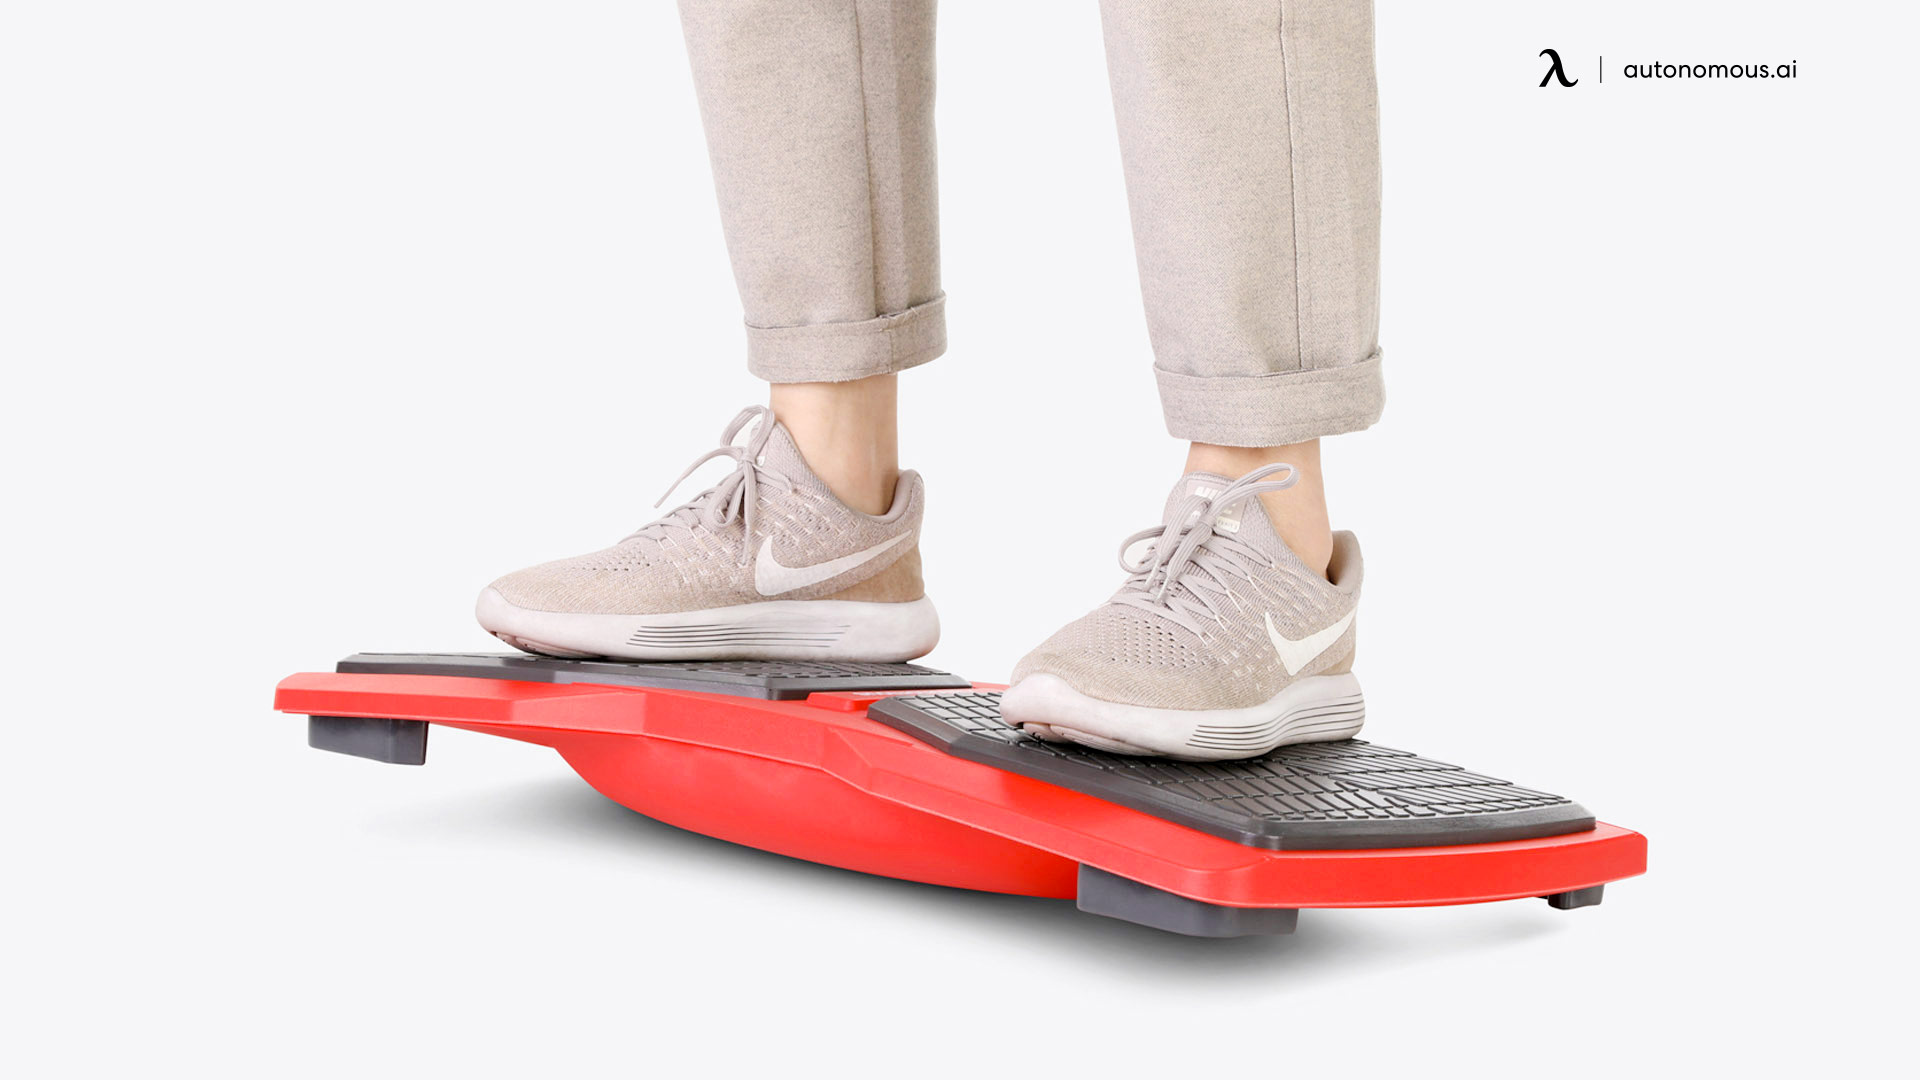 Autonomous Flow Board